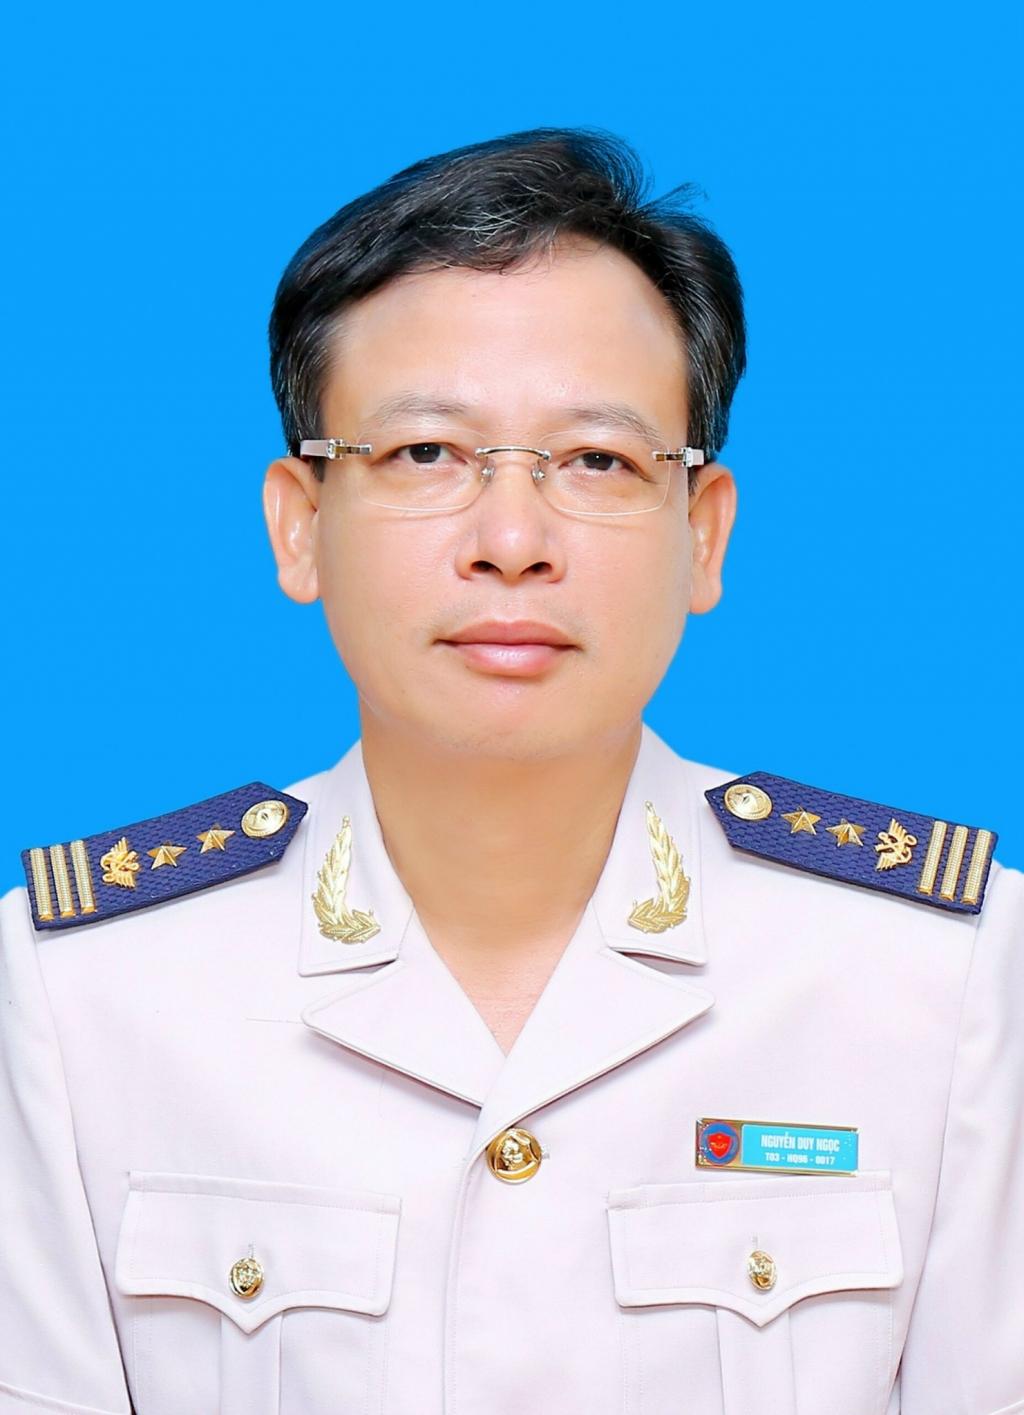 Cục trưởng Hải quan Hải Phòng trúng cử Hội đồng nhân dân Thành phố